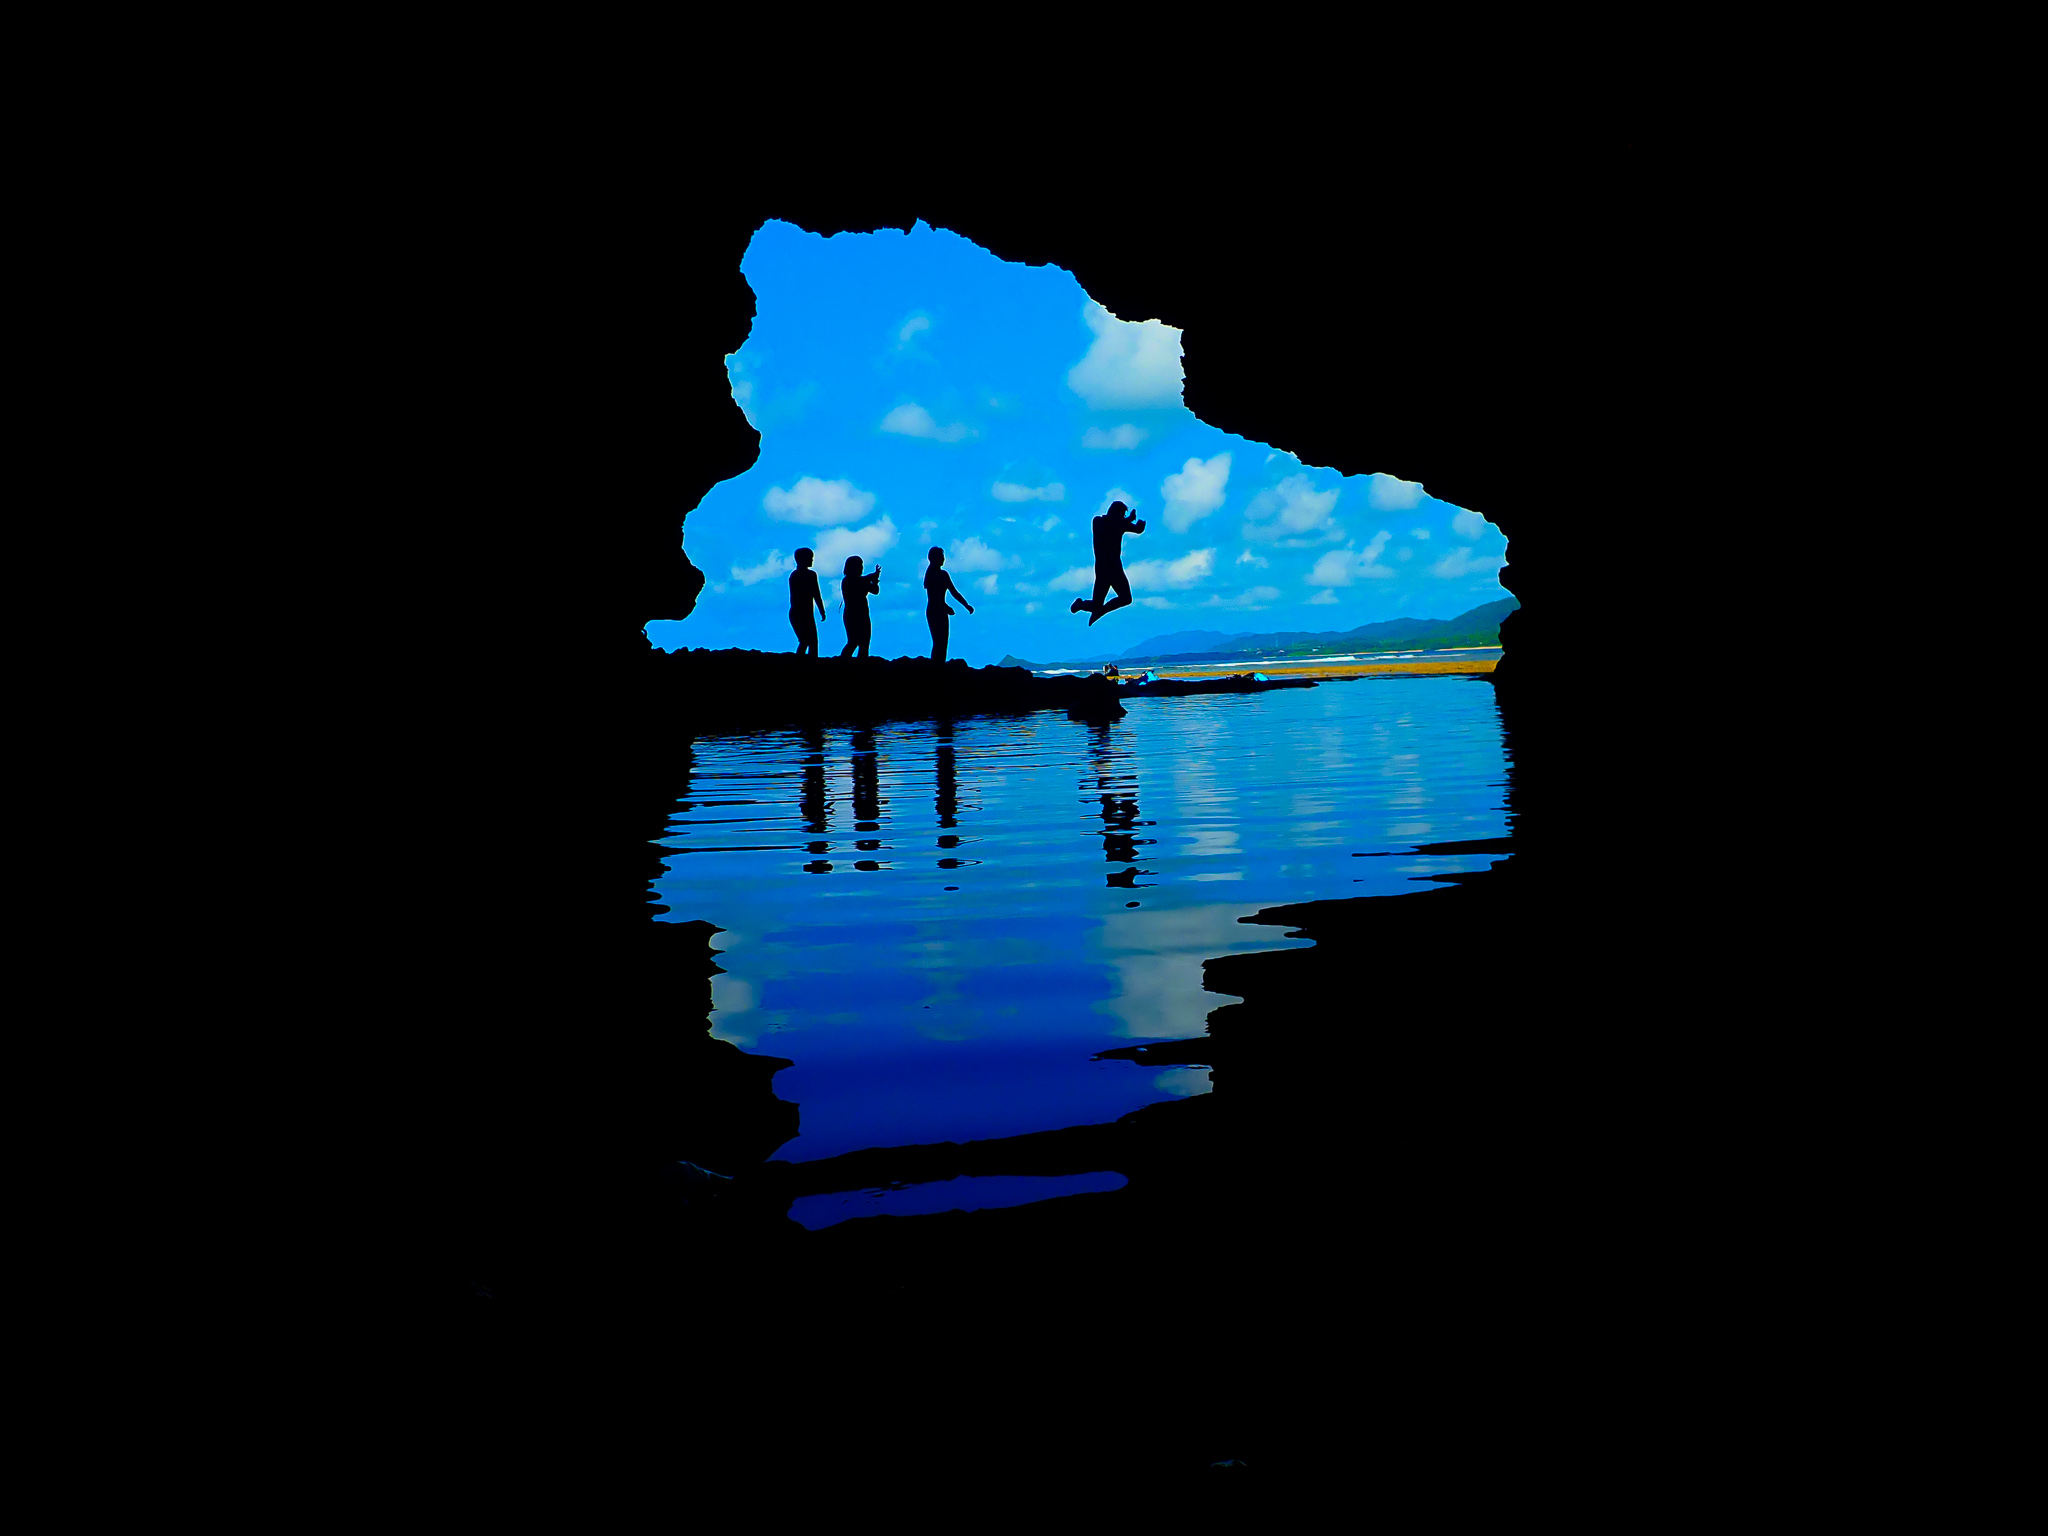 家族みんなで青の洞窟に飛び込む姿